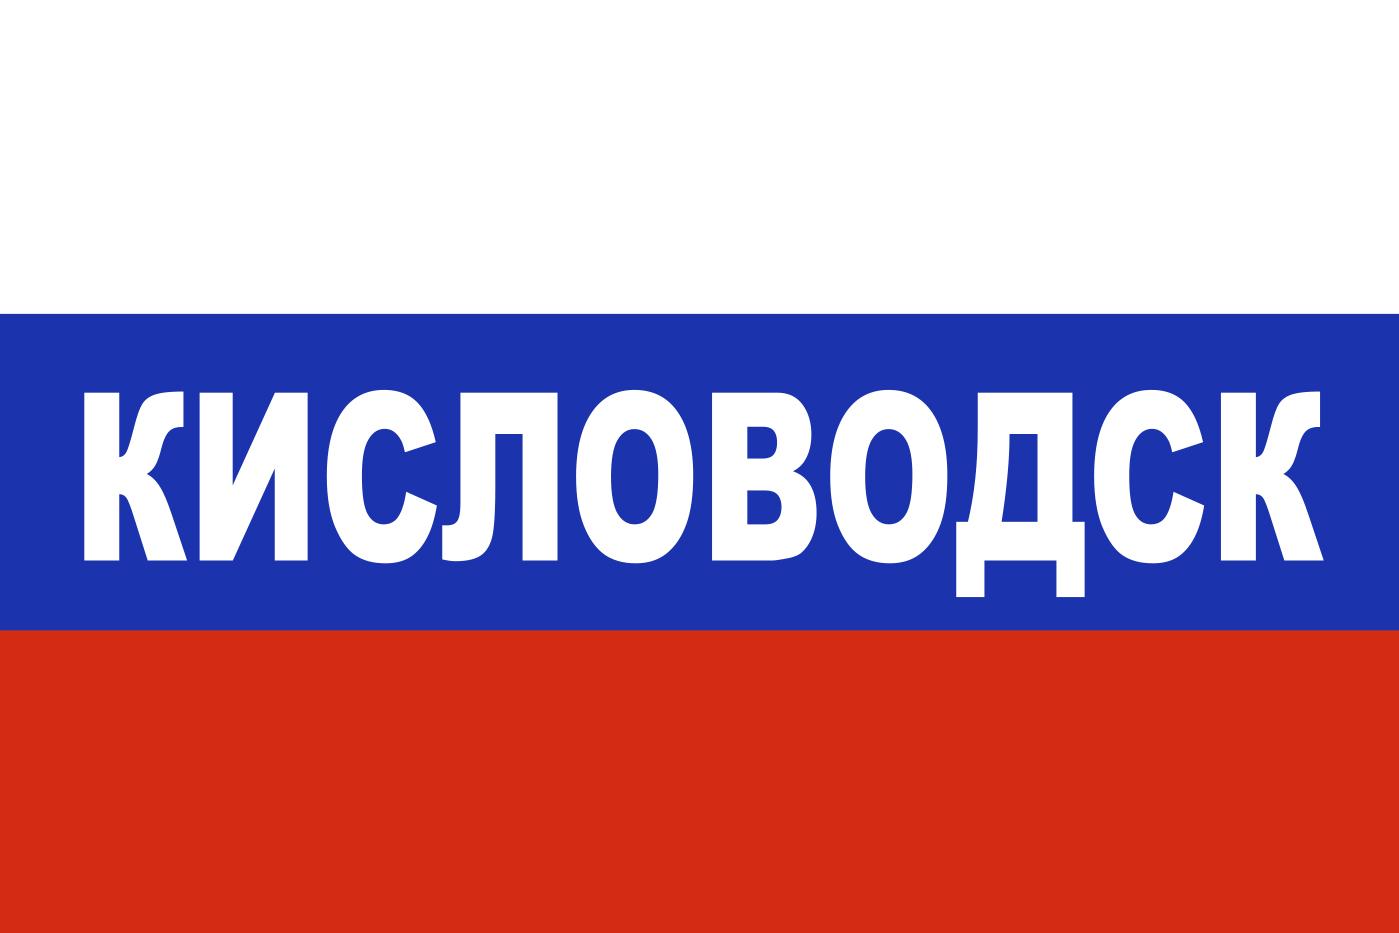 Флаг триколор Кисловодск